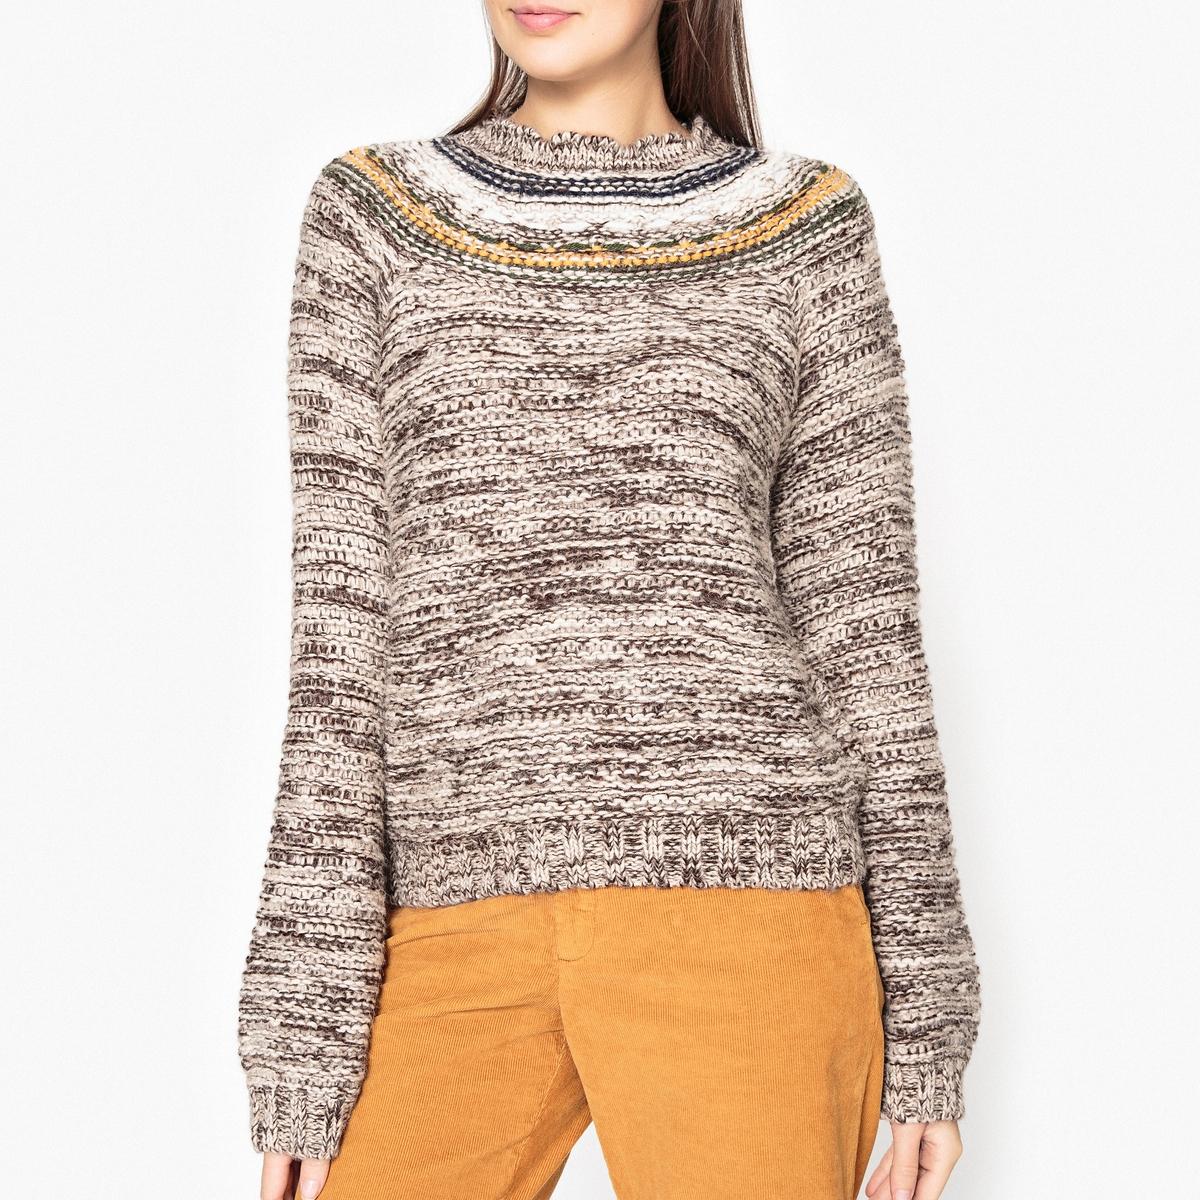 Пуловер с шарообразными рукавами MAYONESSA